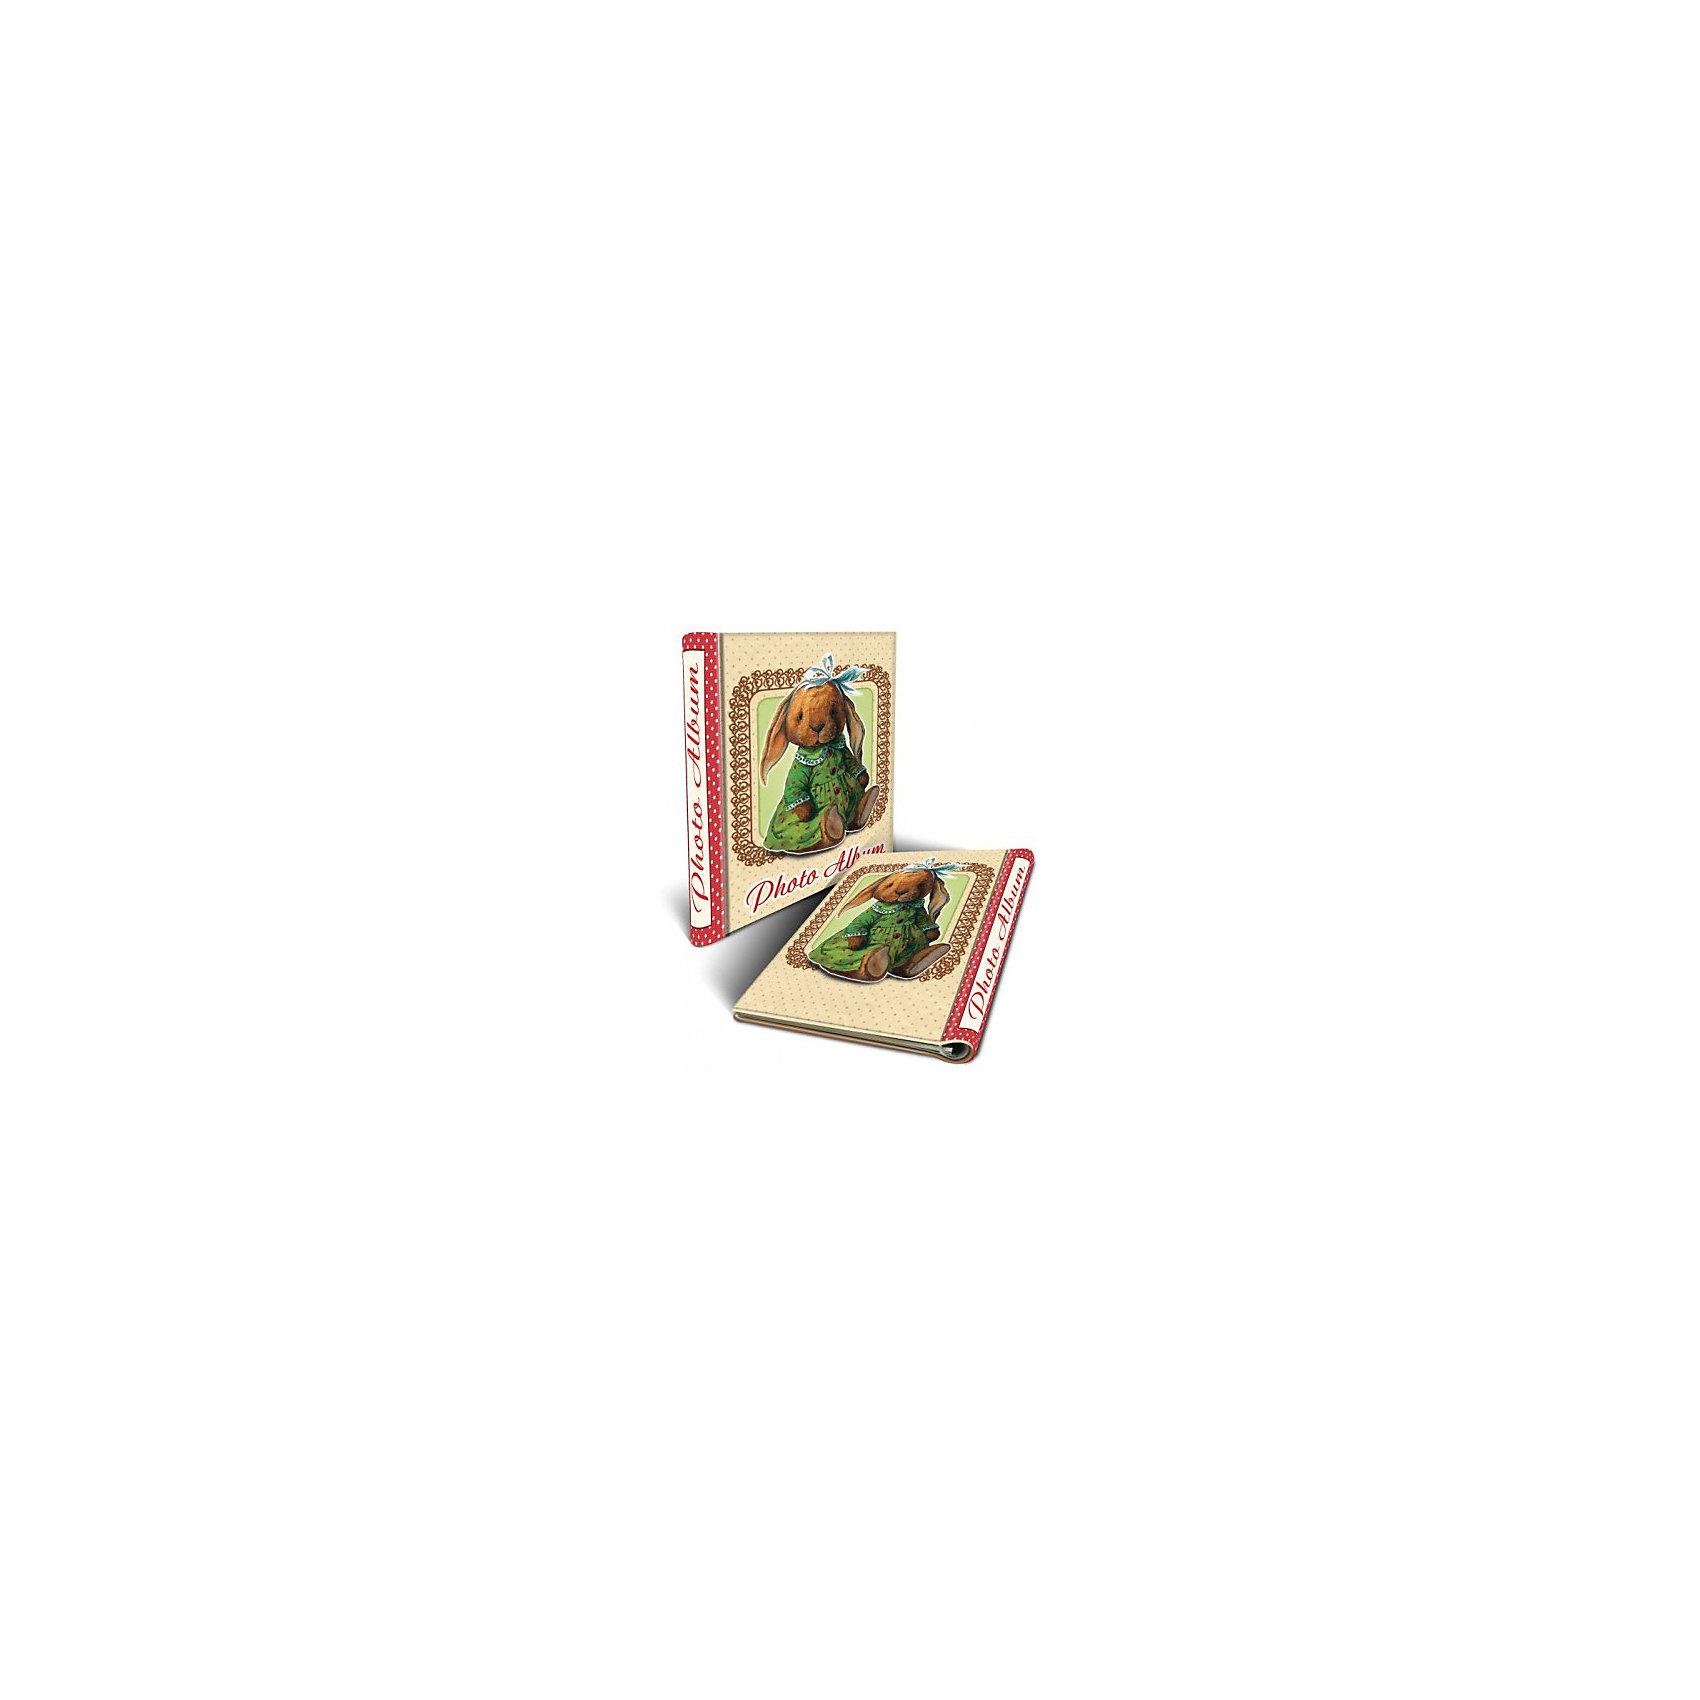 Феникс-Презент Фотоальбом Зайка 24*29 см, 20 листов фотоальбом 6171